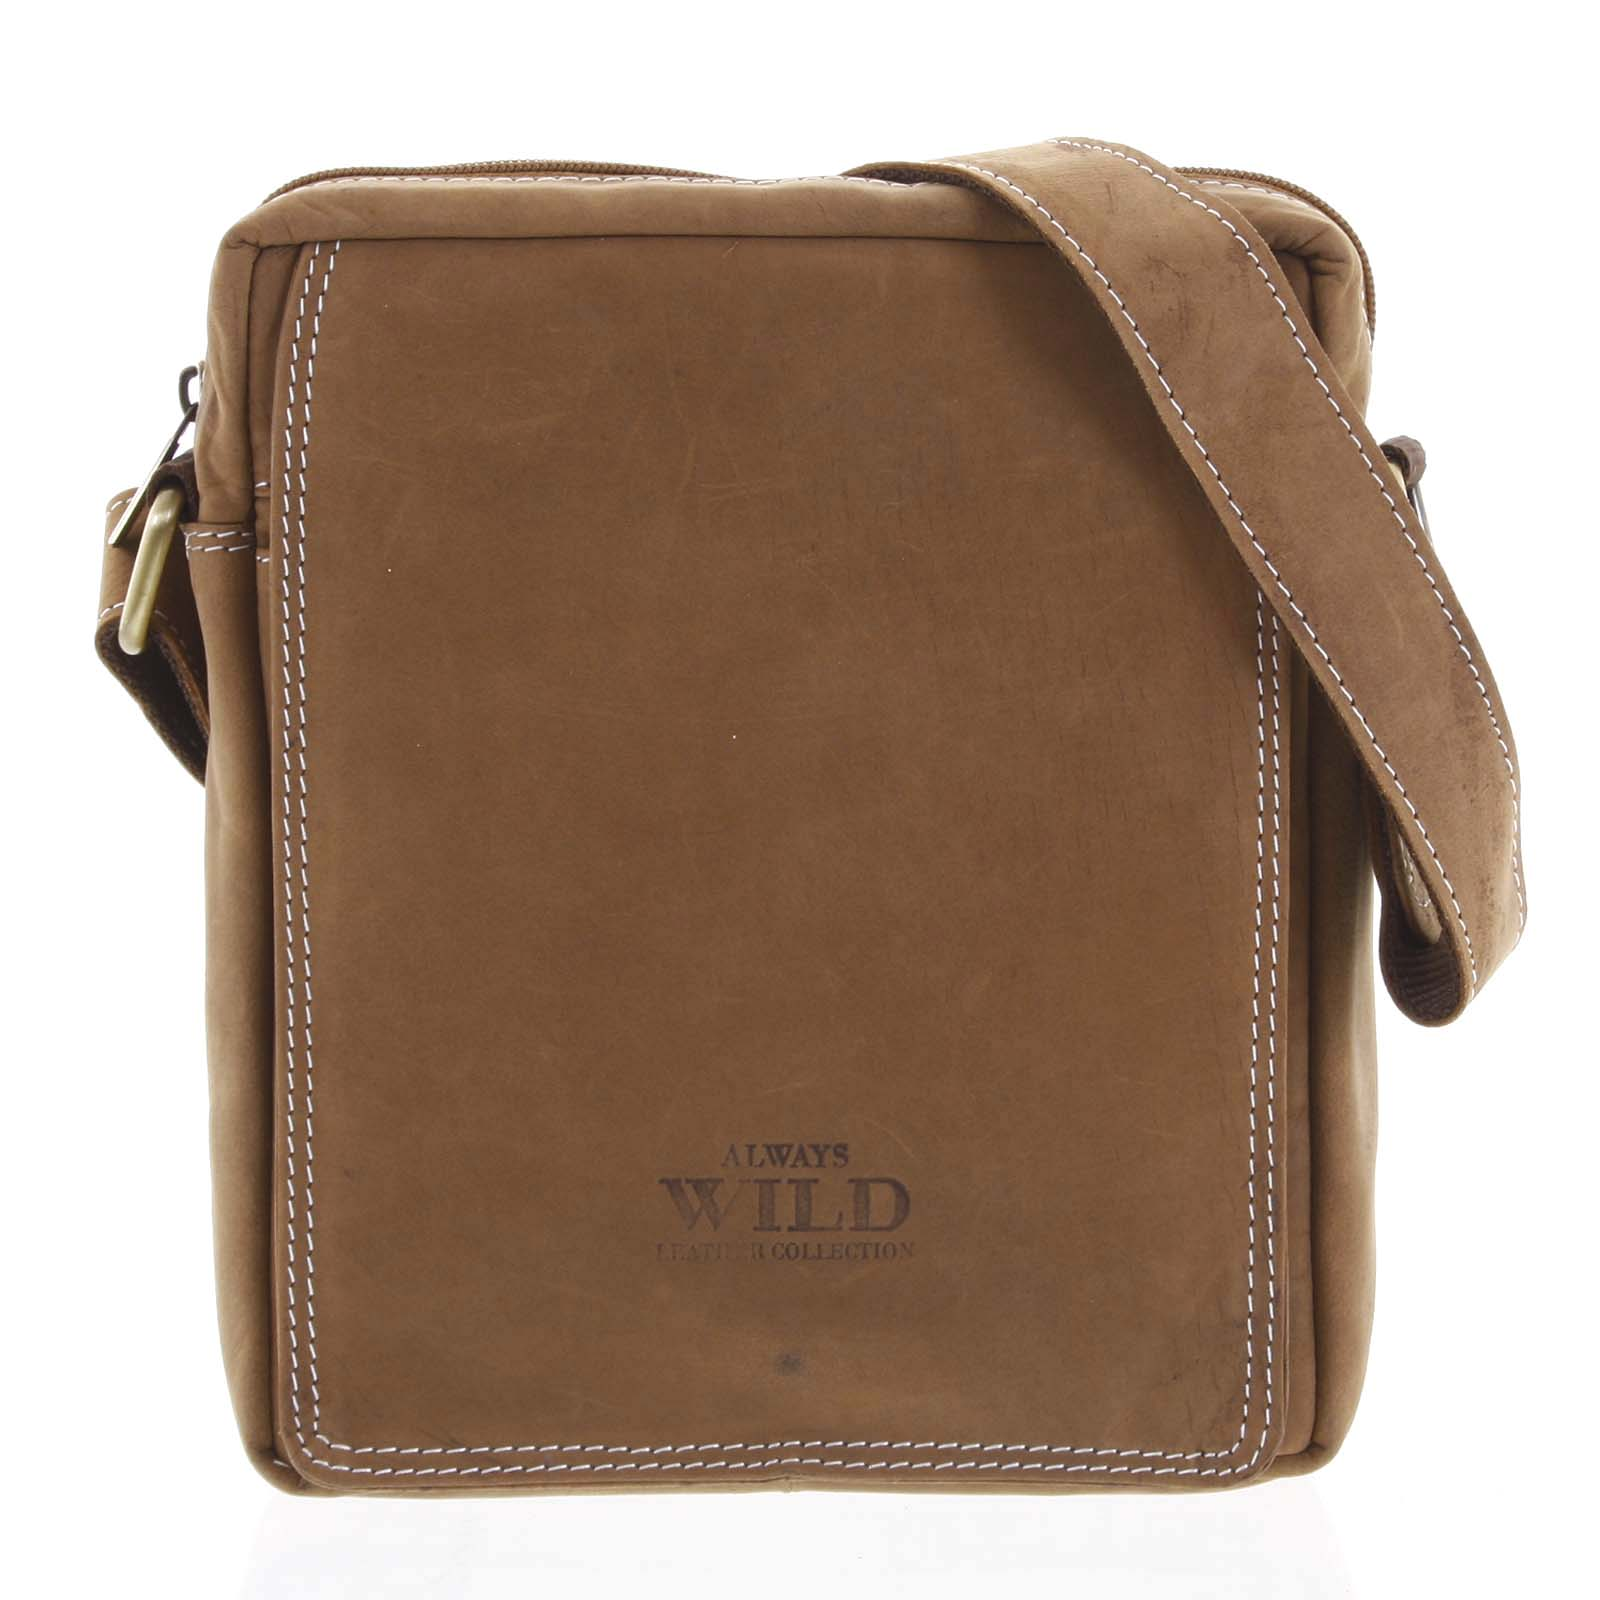 Pánska kožená crossbody taška hnedá - WILD Yander hnedá